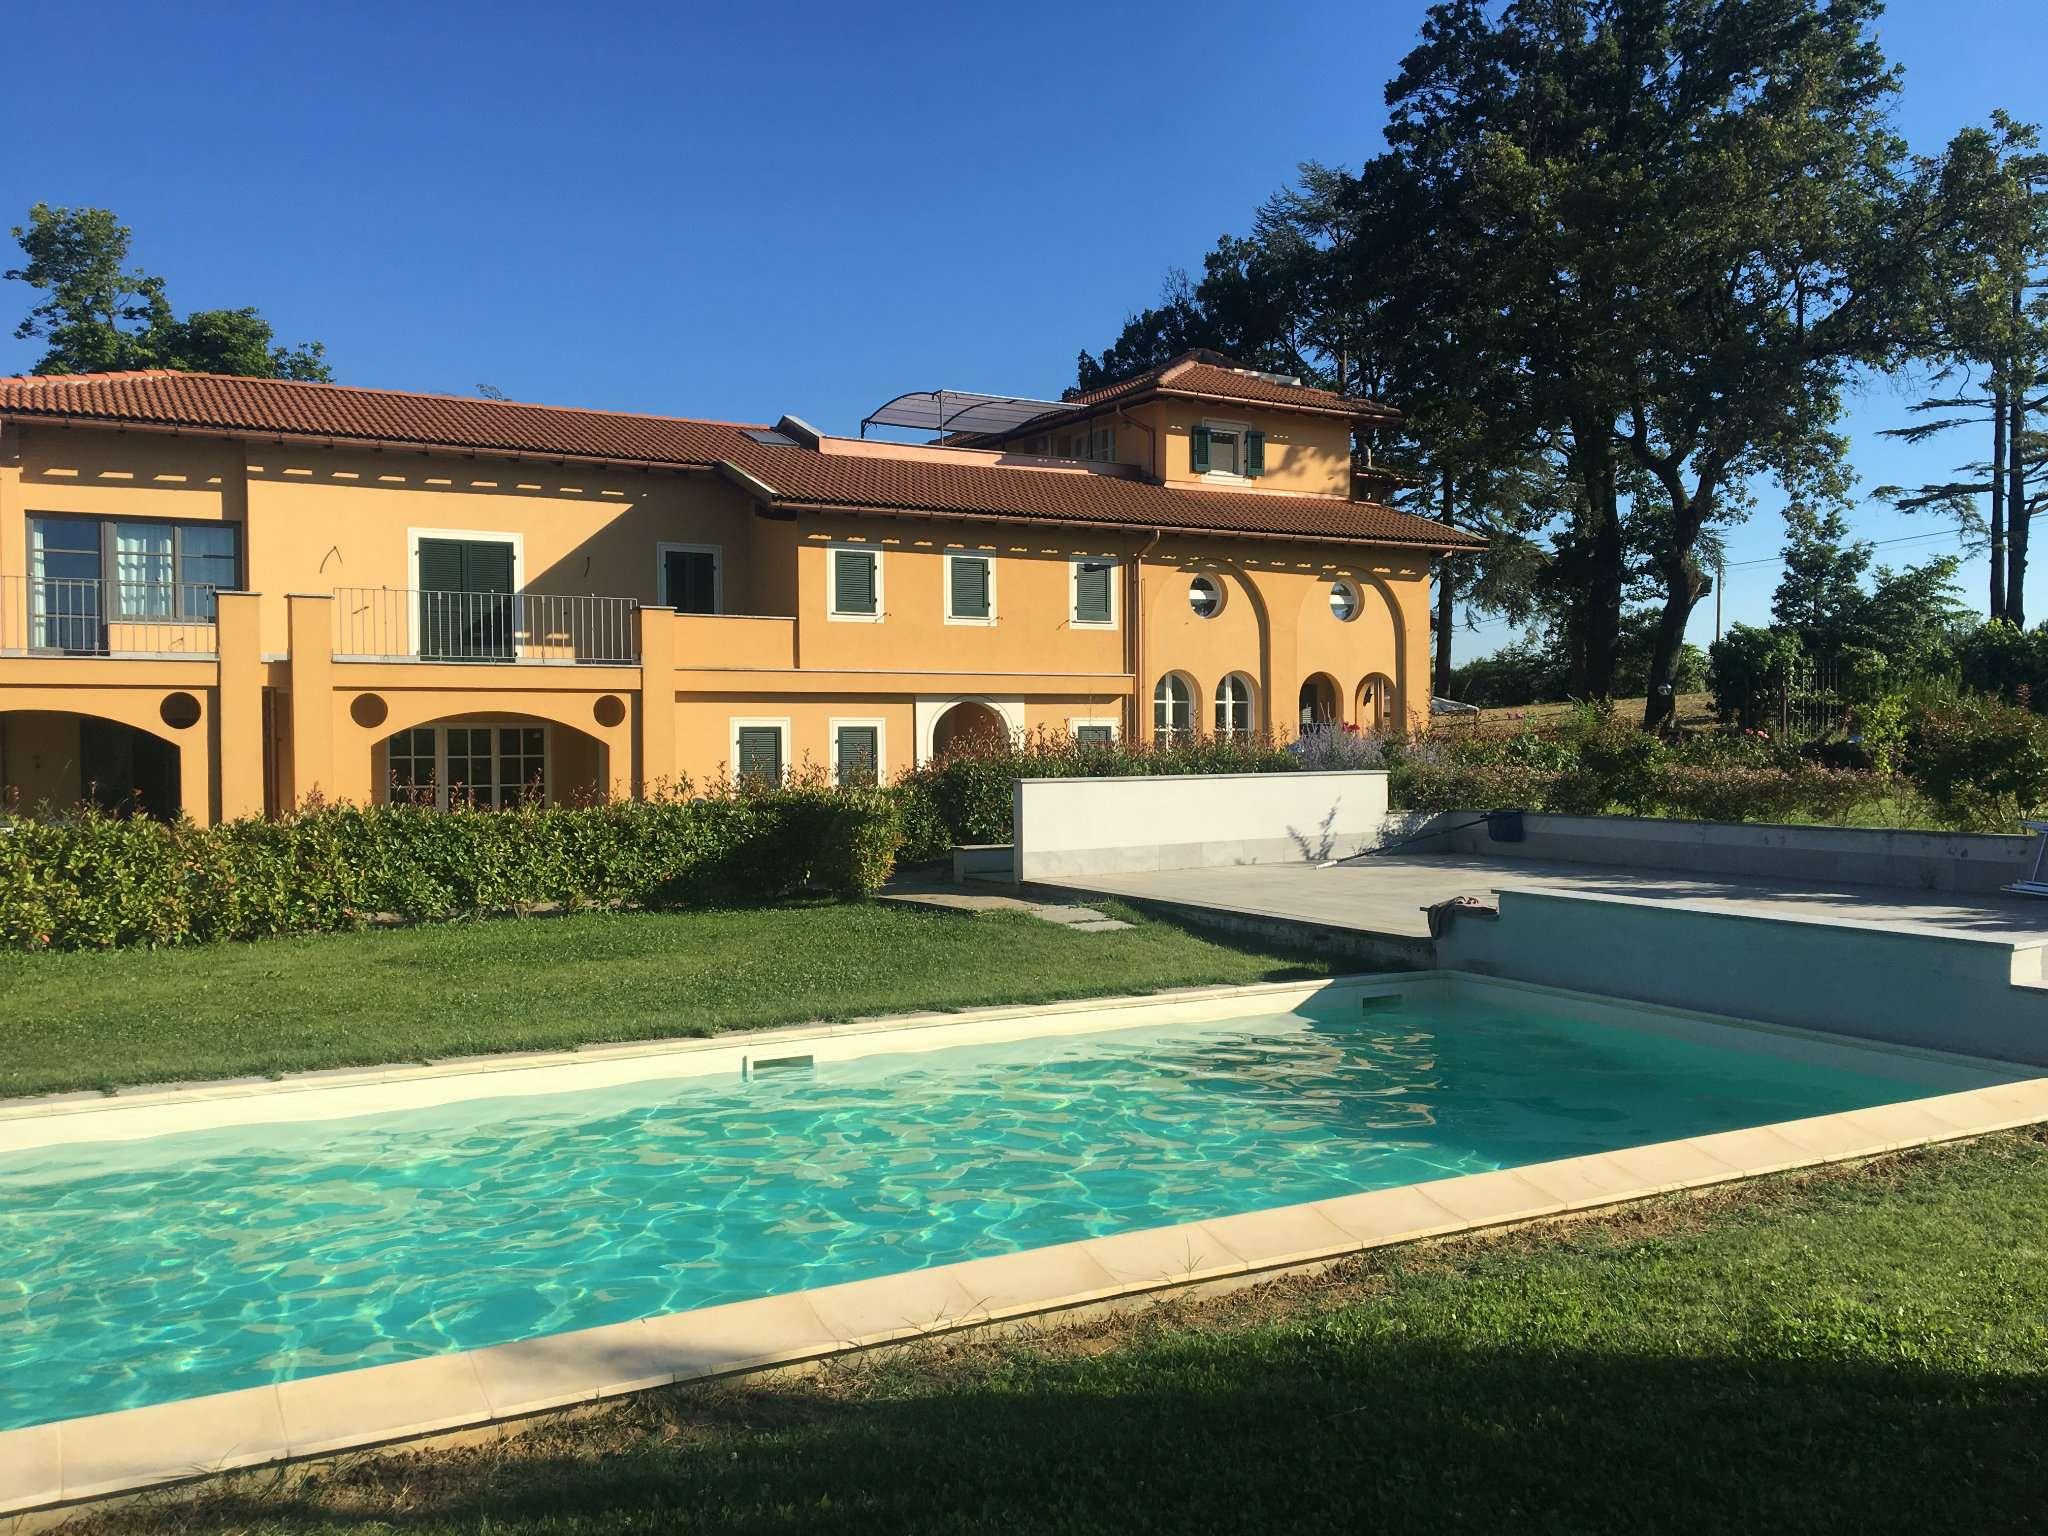 Foto 1 di Appartamento Località S. Giacomo, frazione San Giacomo, Rocca Grimalda